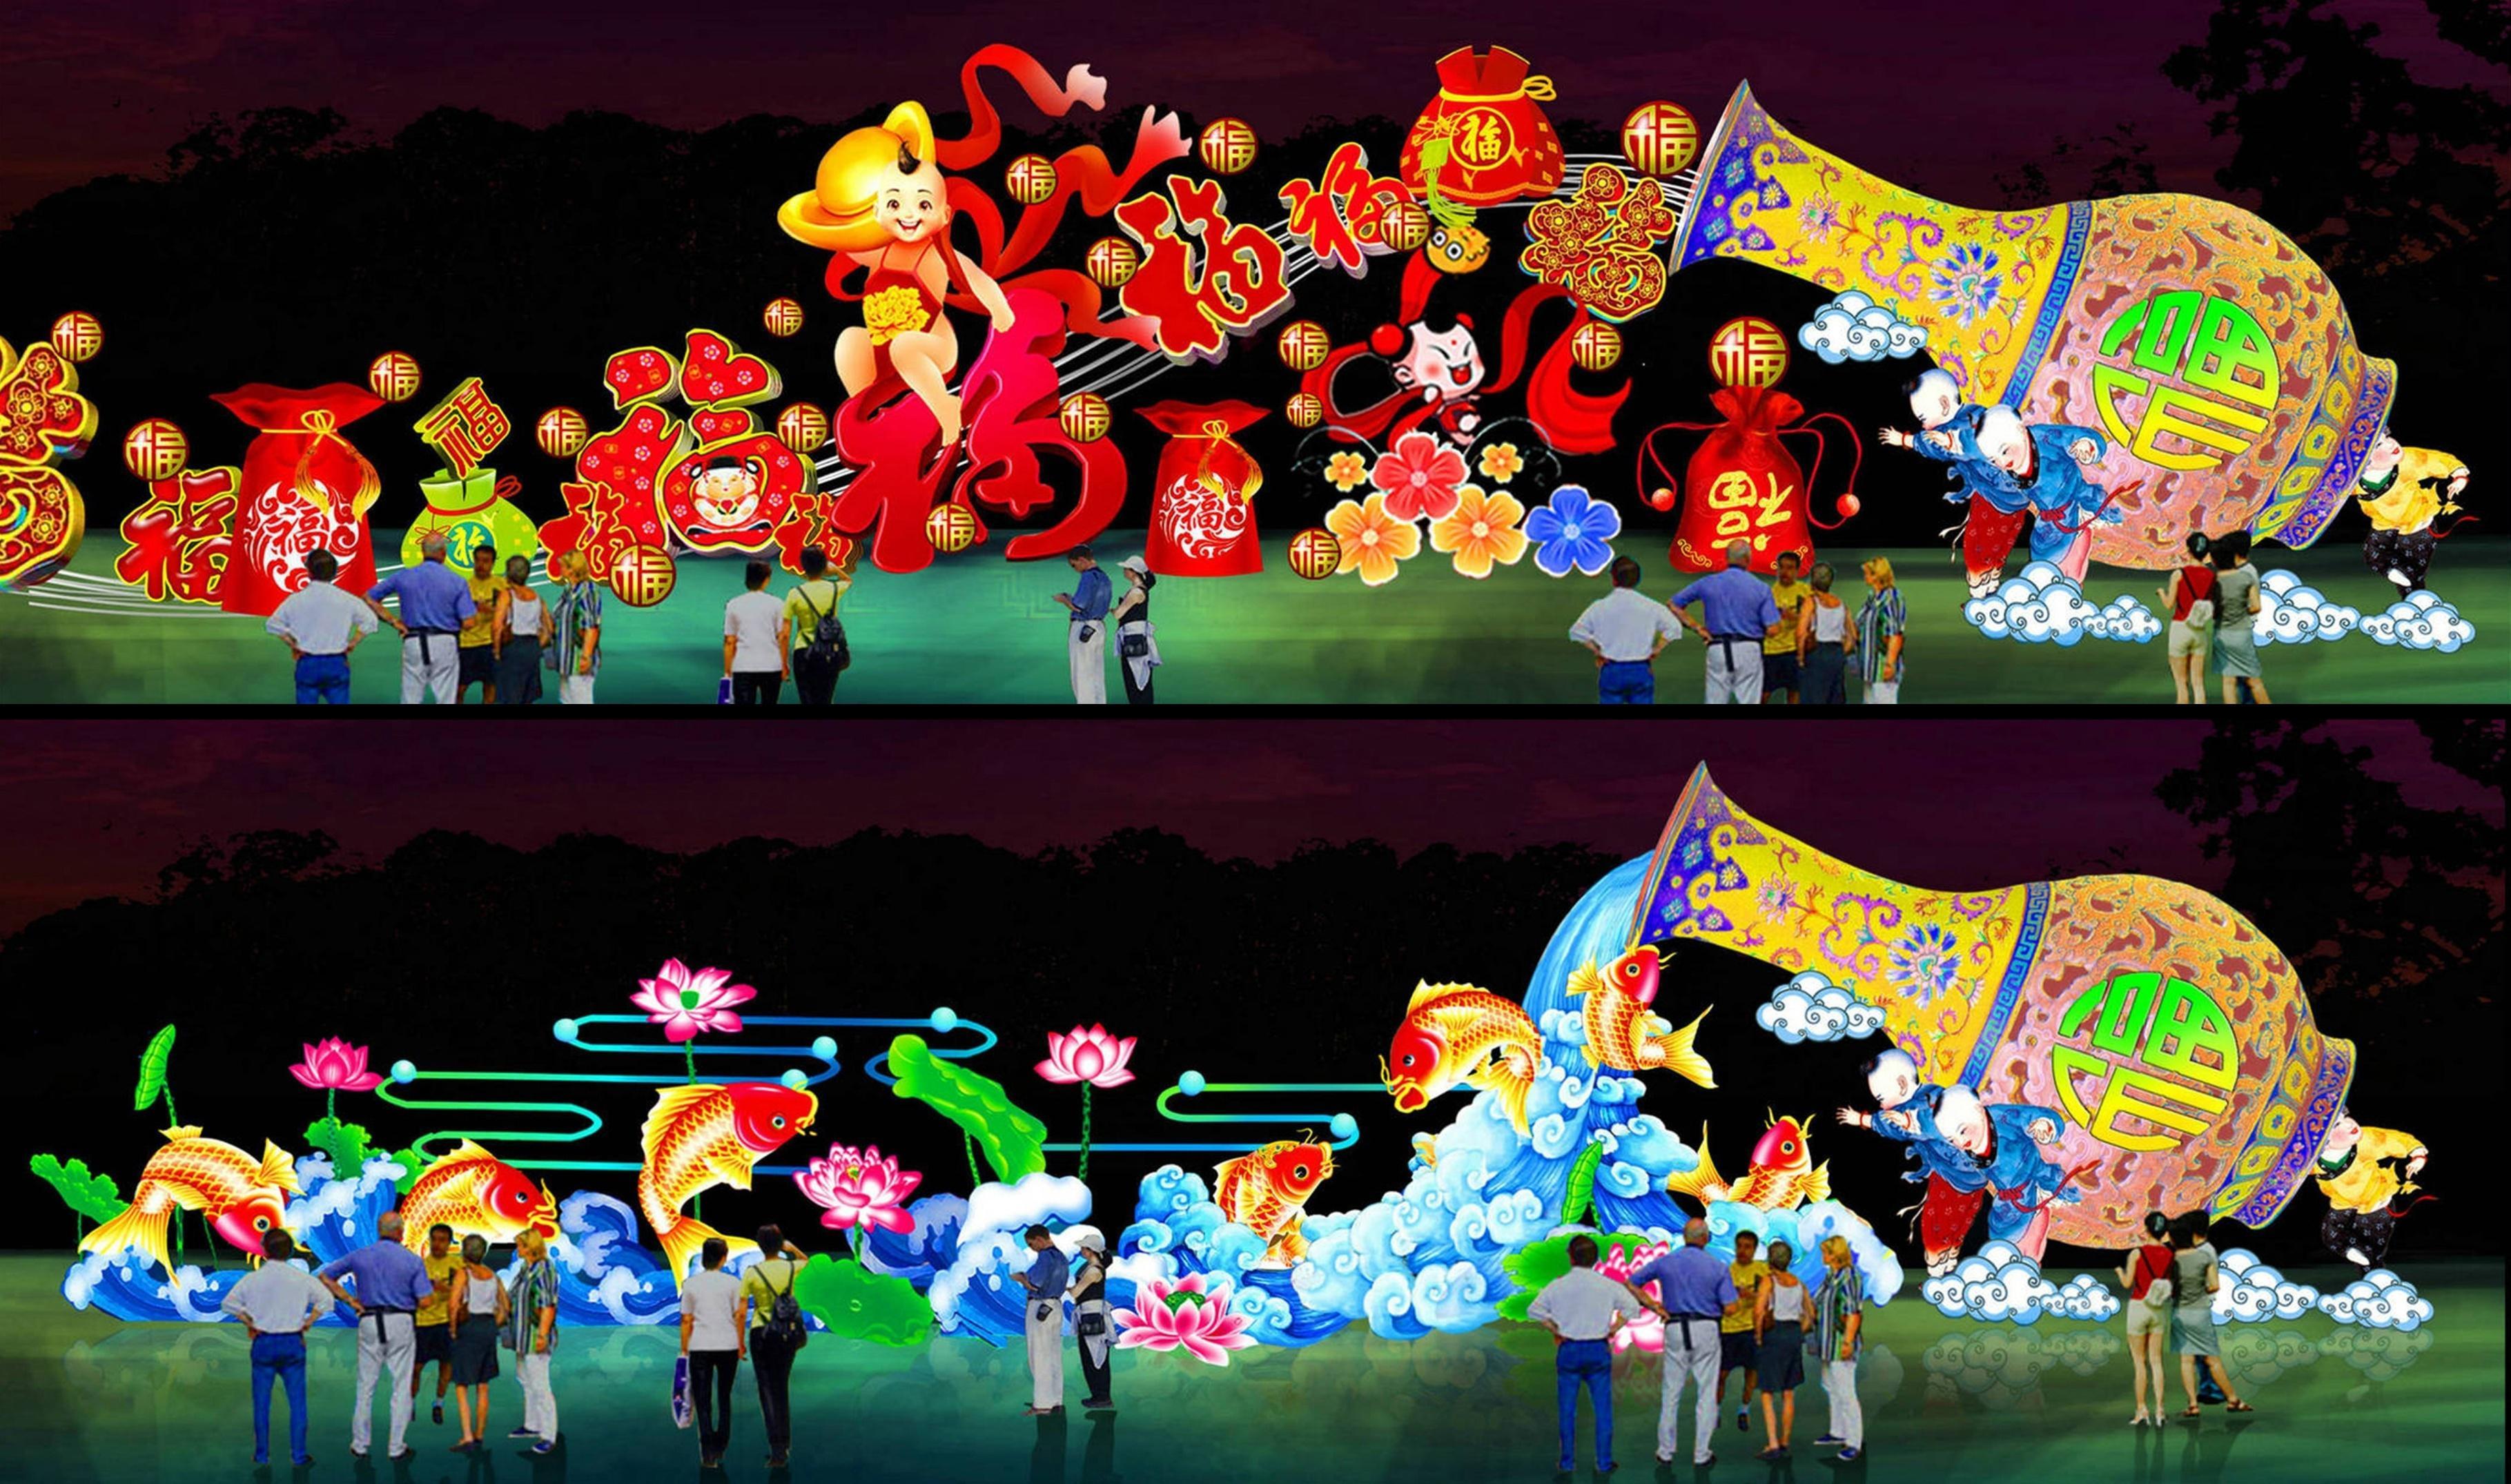 中秋节花灯灯会彩灯设计到客户现场制作免费提供设计策划 梦幻灯光节